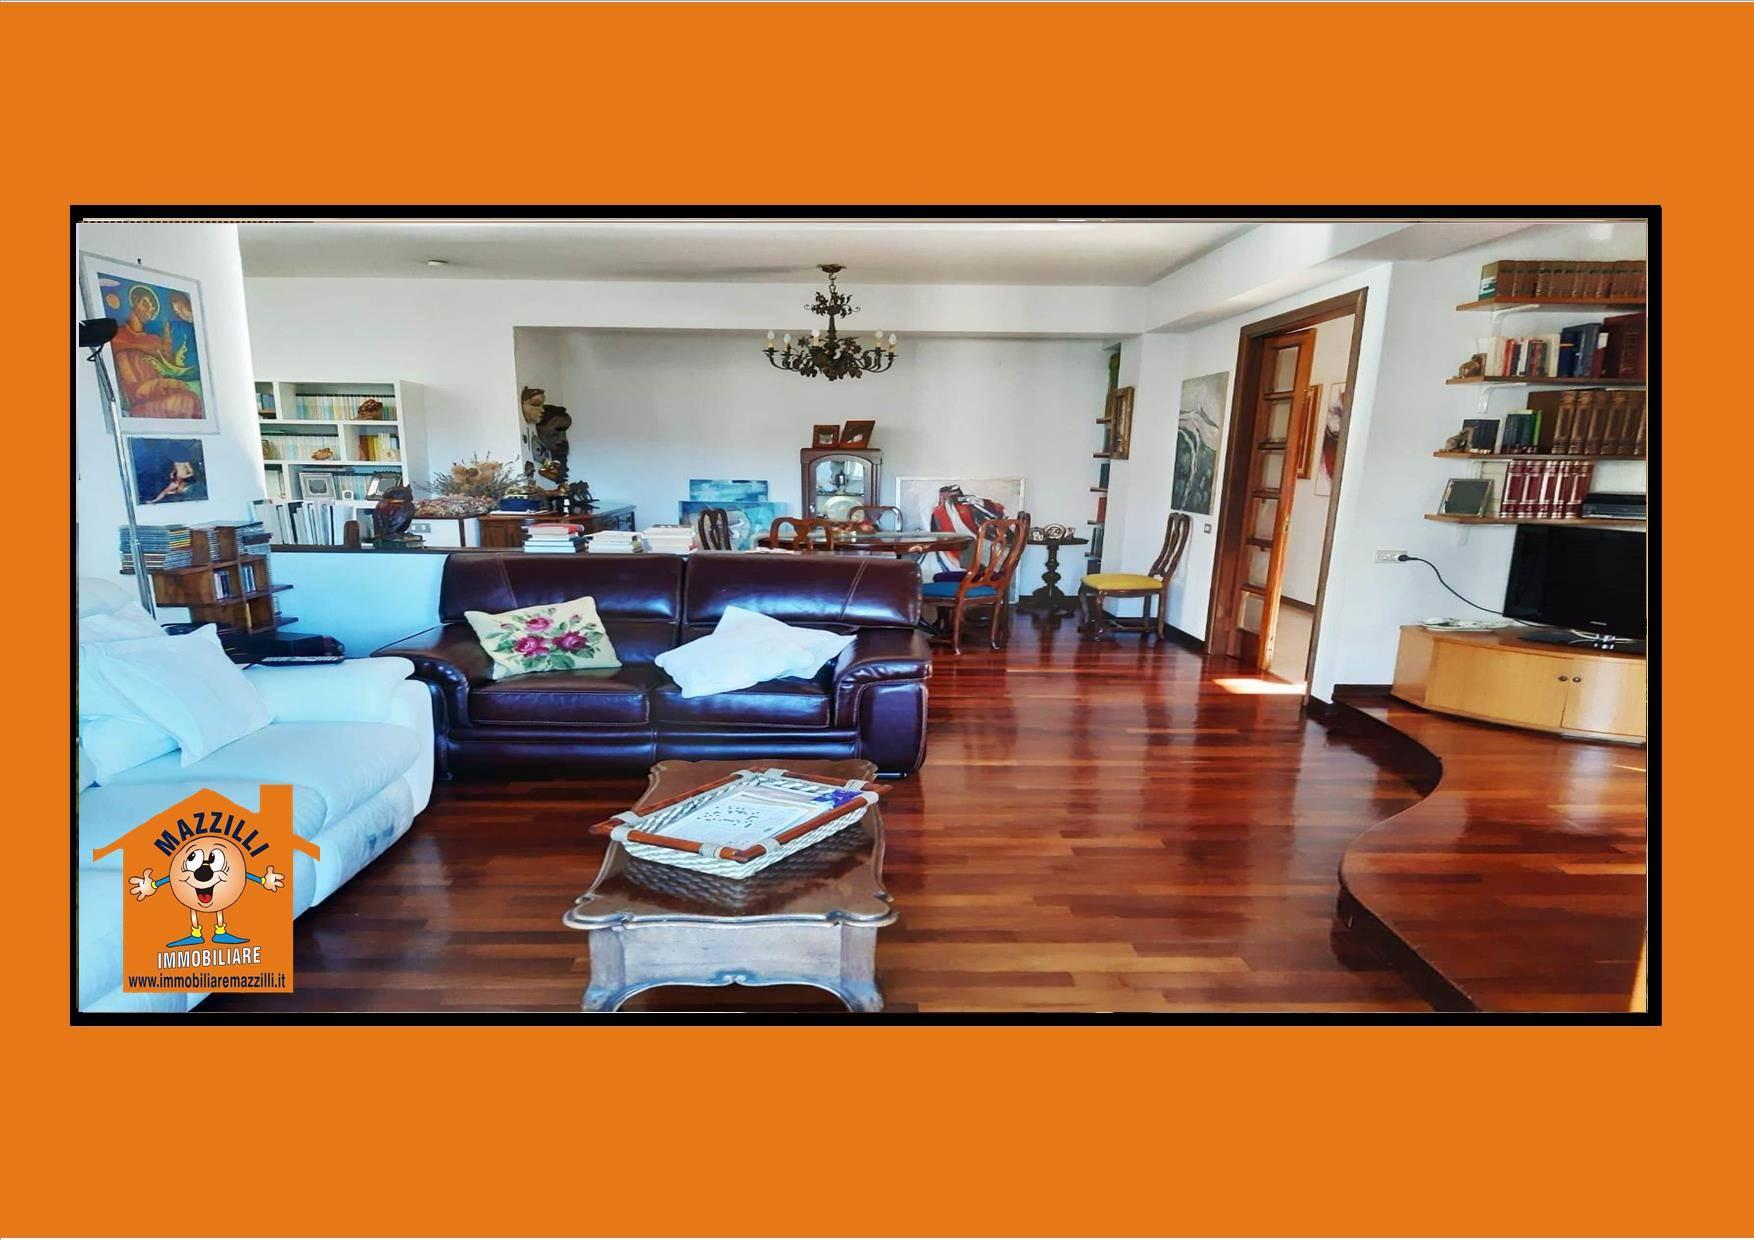 Appartamento in vendita a Potenza, 5 locali, prezzo € 158.000 | CambioCasa.it